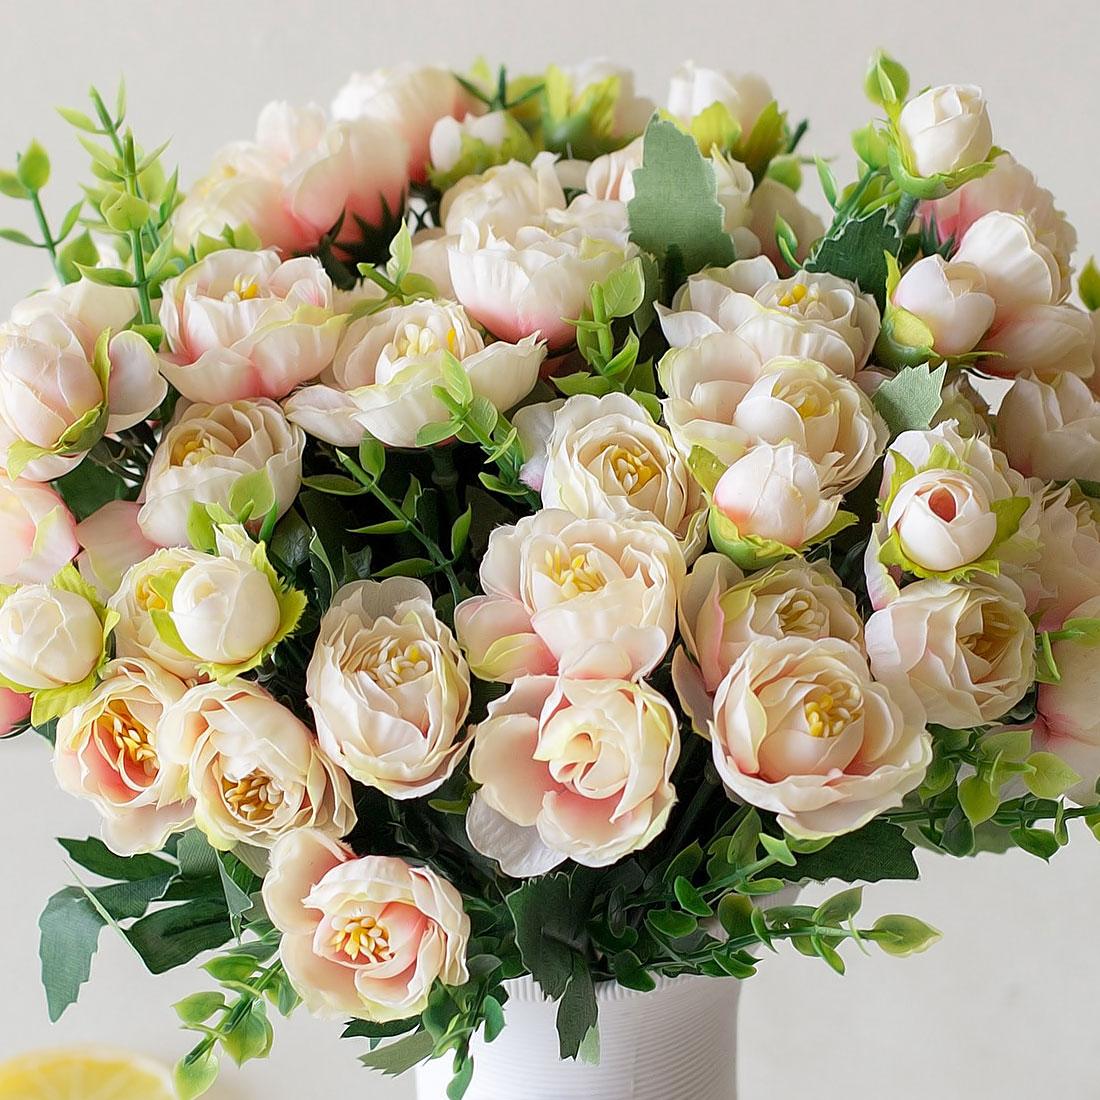 Поддельные цветы 15 бутоны искусственных цветов небольшой чайный бутон Моделирование Малый Чай роза Шелковый цветок Свадебные украшения цветок